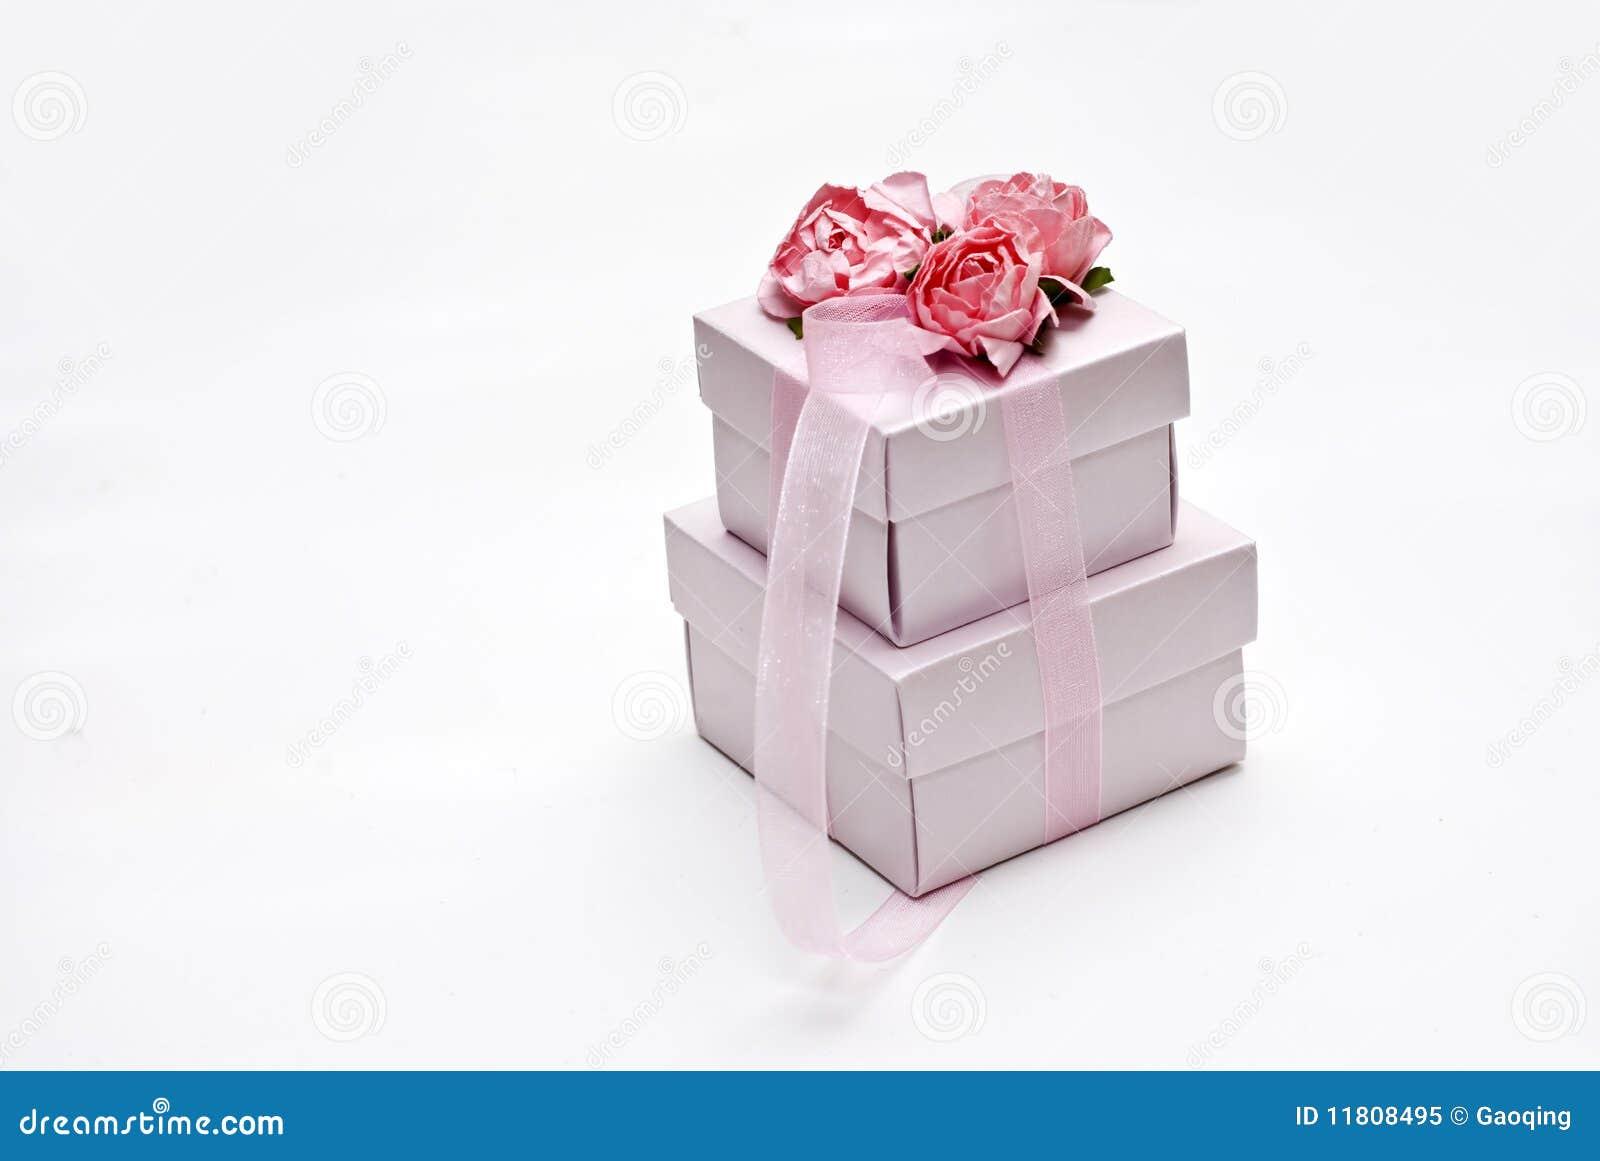 圣诞节礼品包装的甜点婚礼